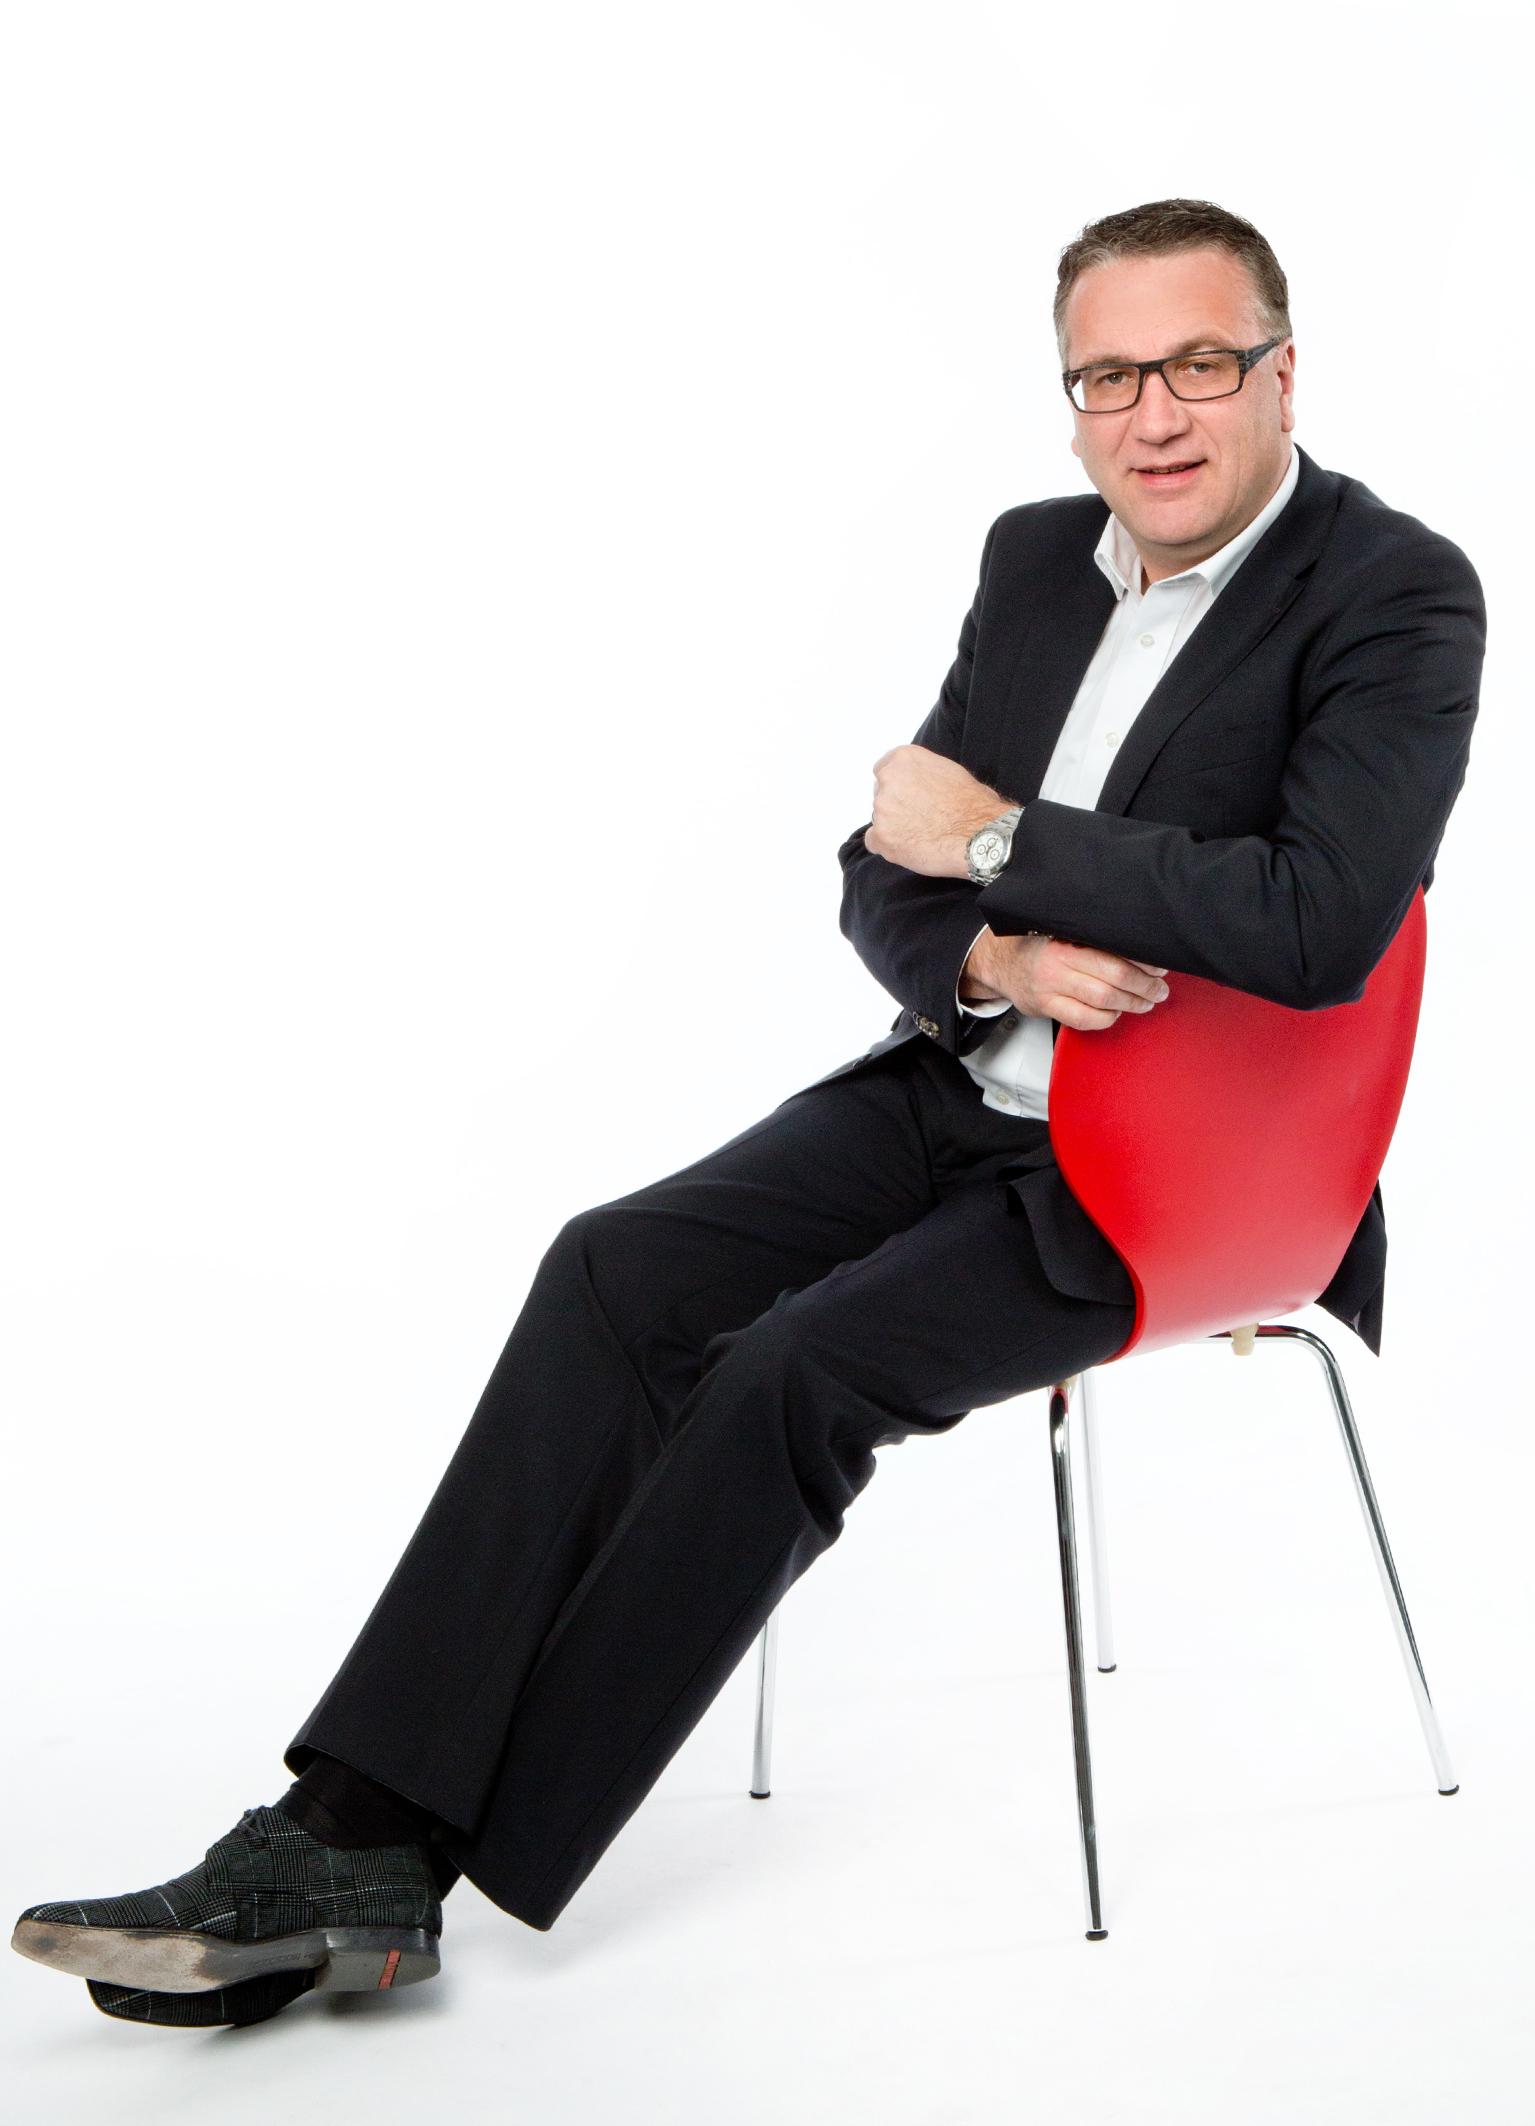 Jörg J. Schröder